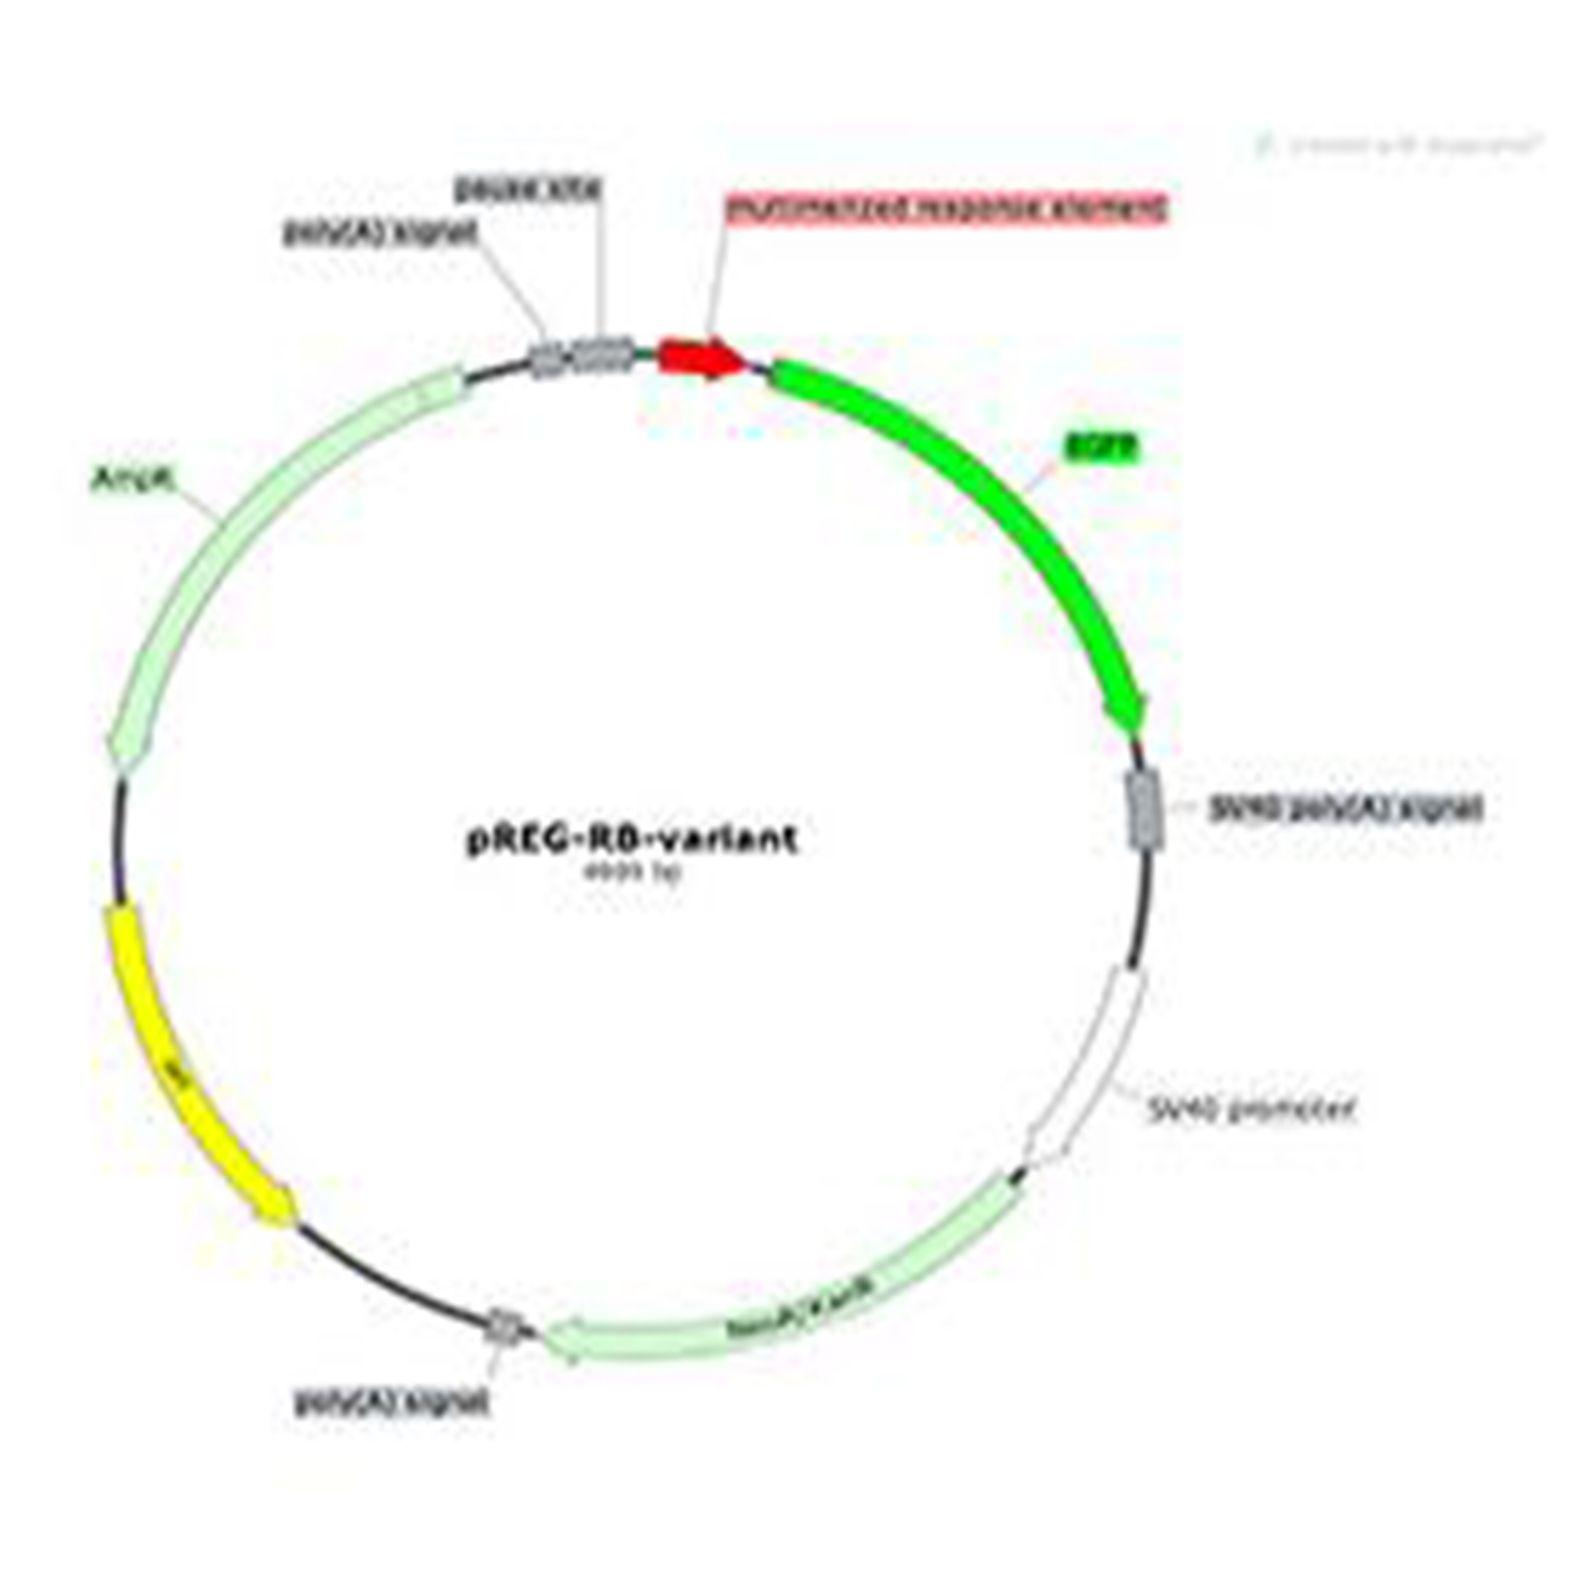 信号通路报告基因载体